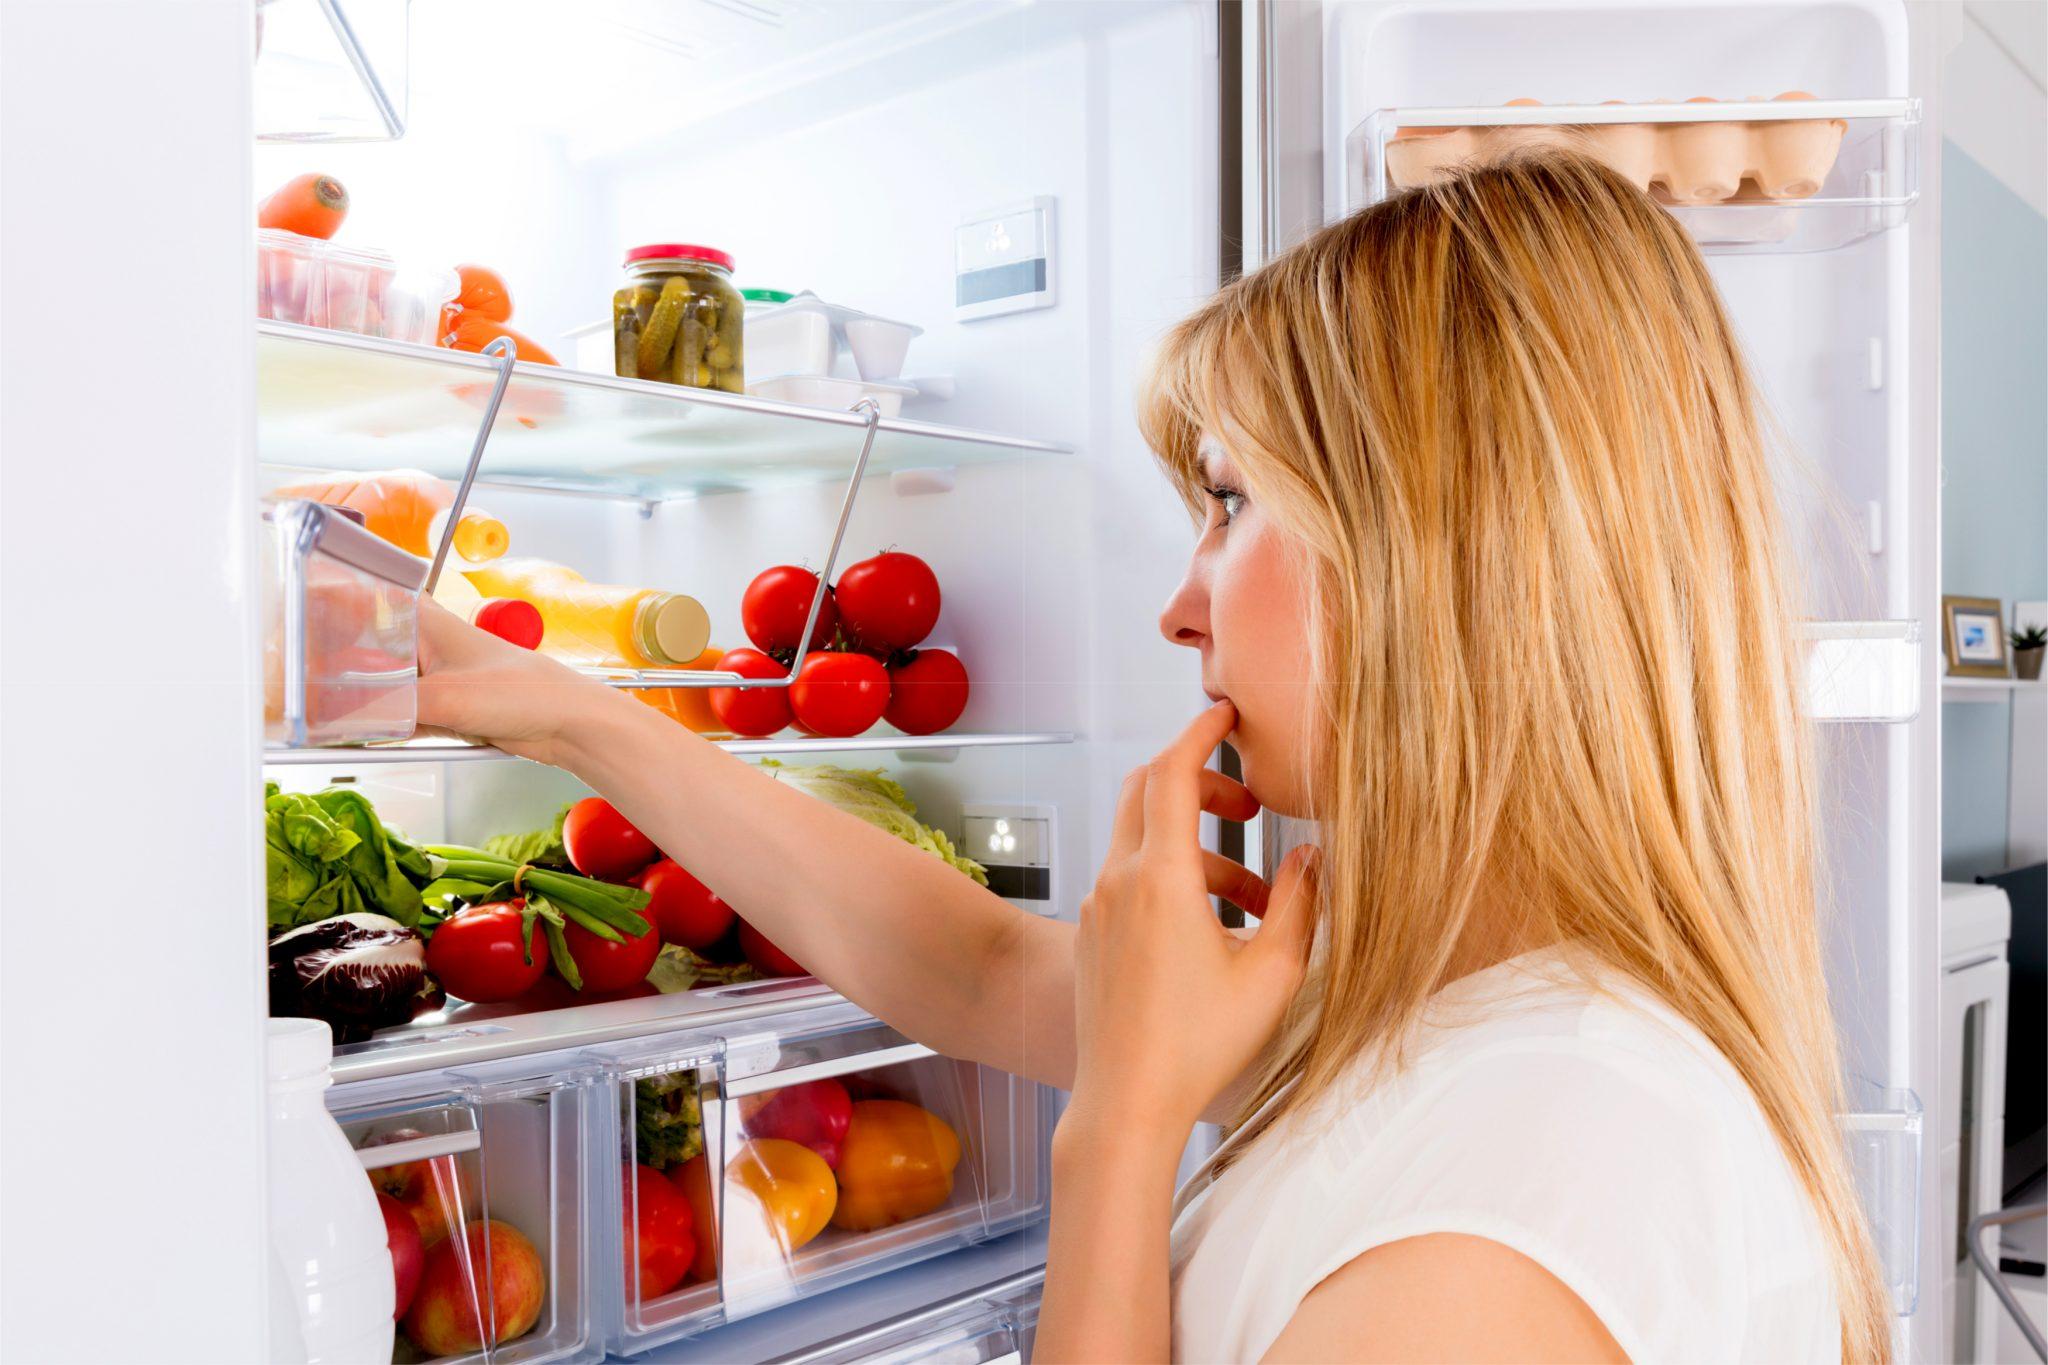 冷蔵庫の中の探し物をしている女性